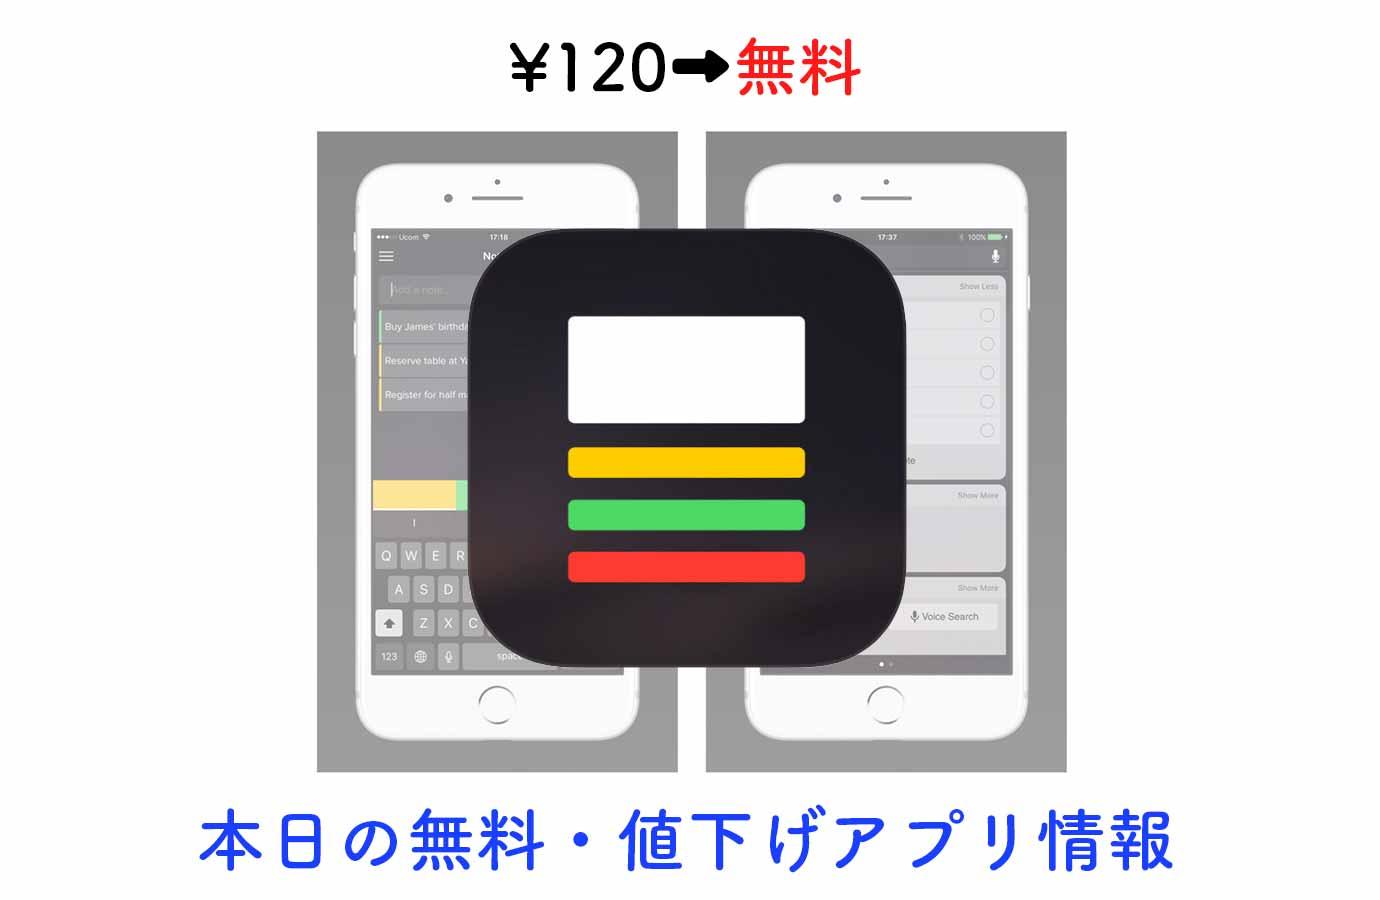 ¥120→無料、ウィジェットにチェックリストを表示できる「TodayNote」など【8/13】本日の無料・値下げアプリ情報